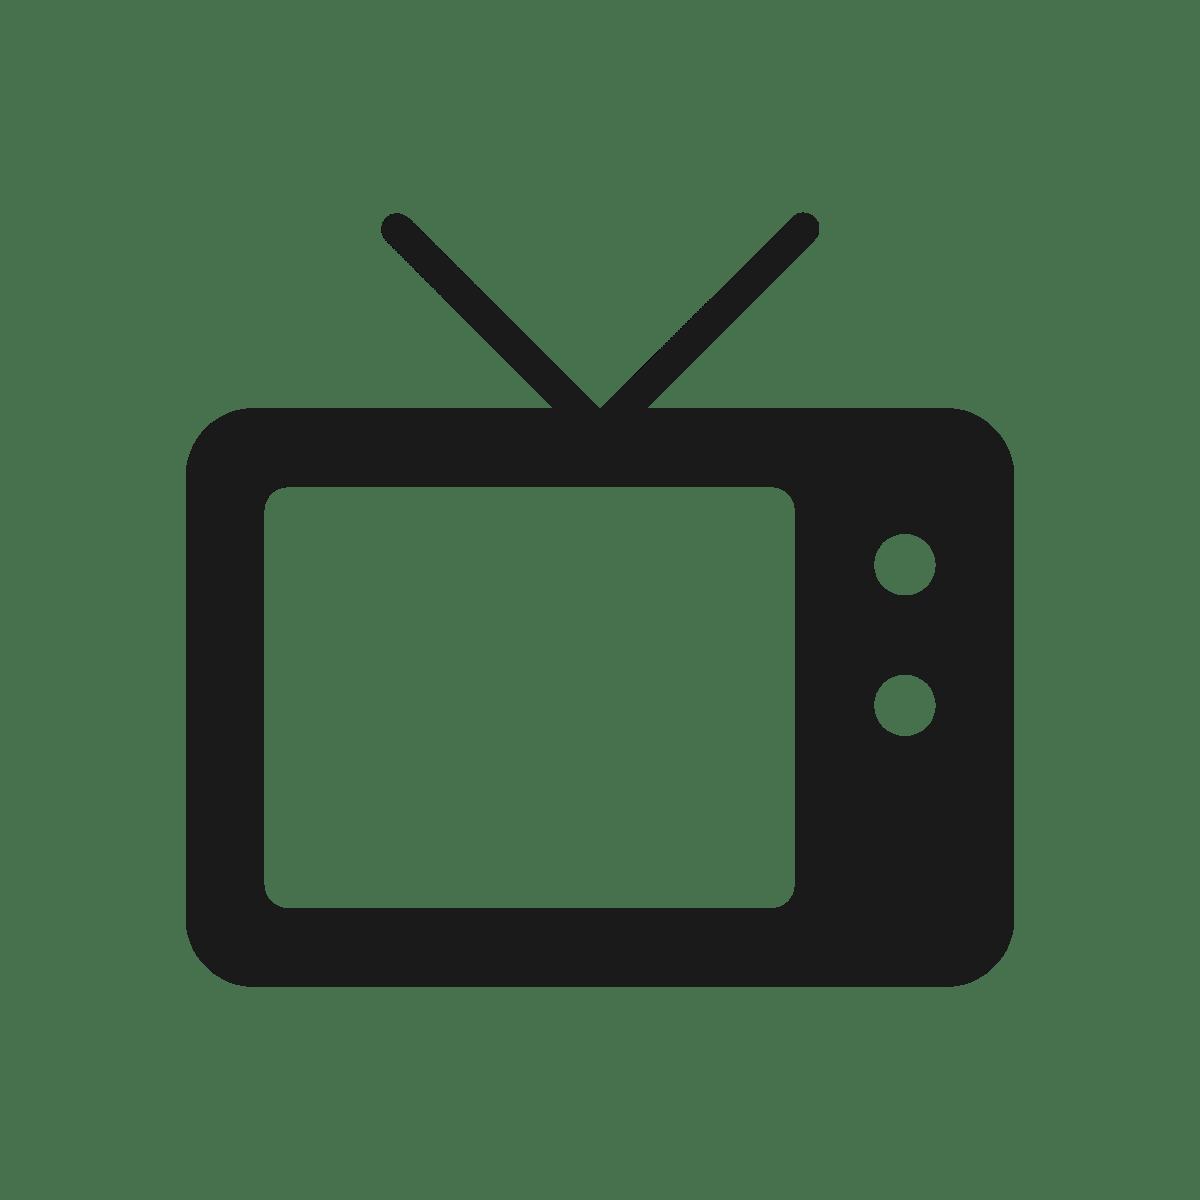 TV / Movies